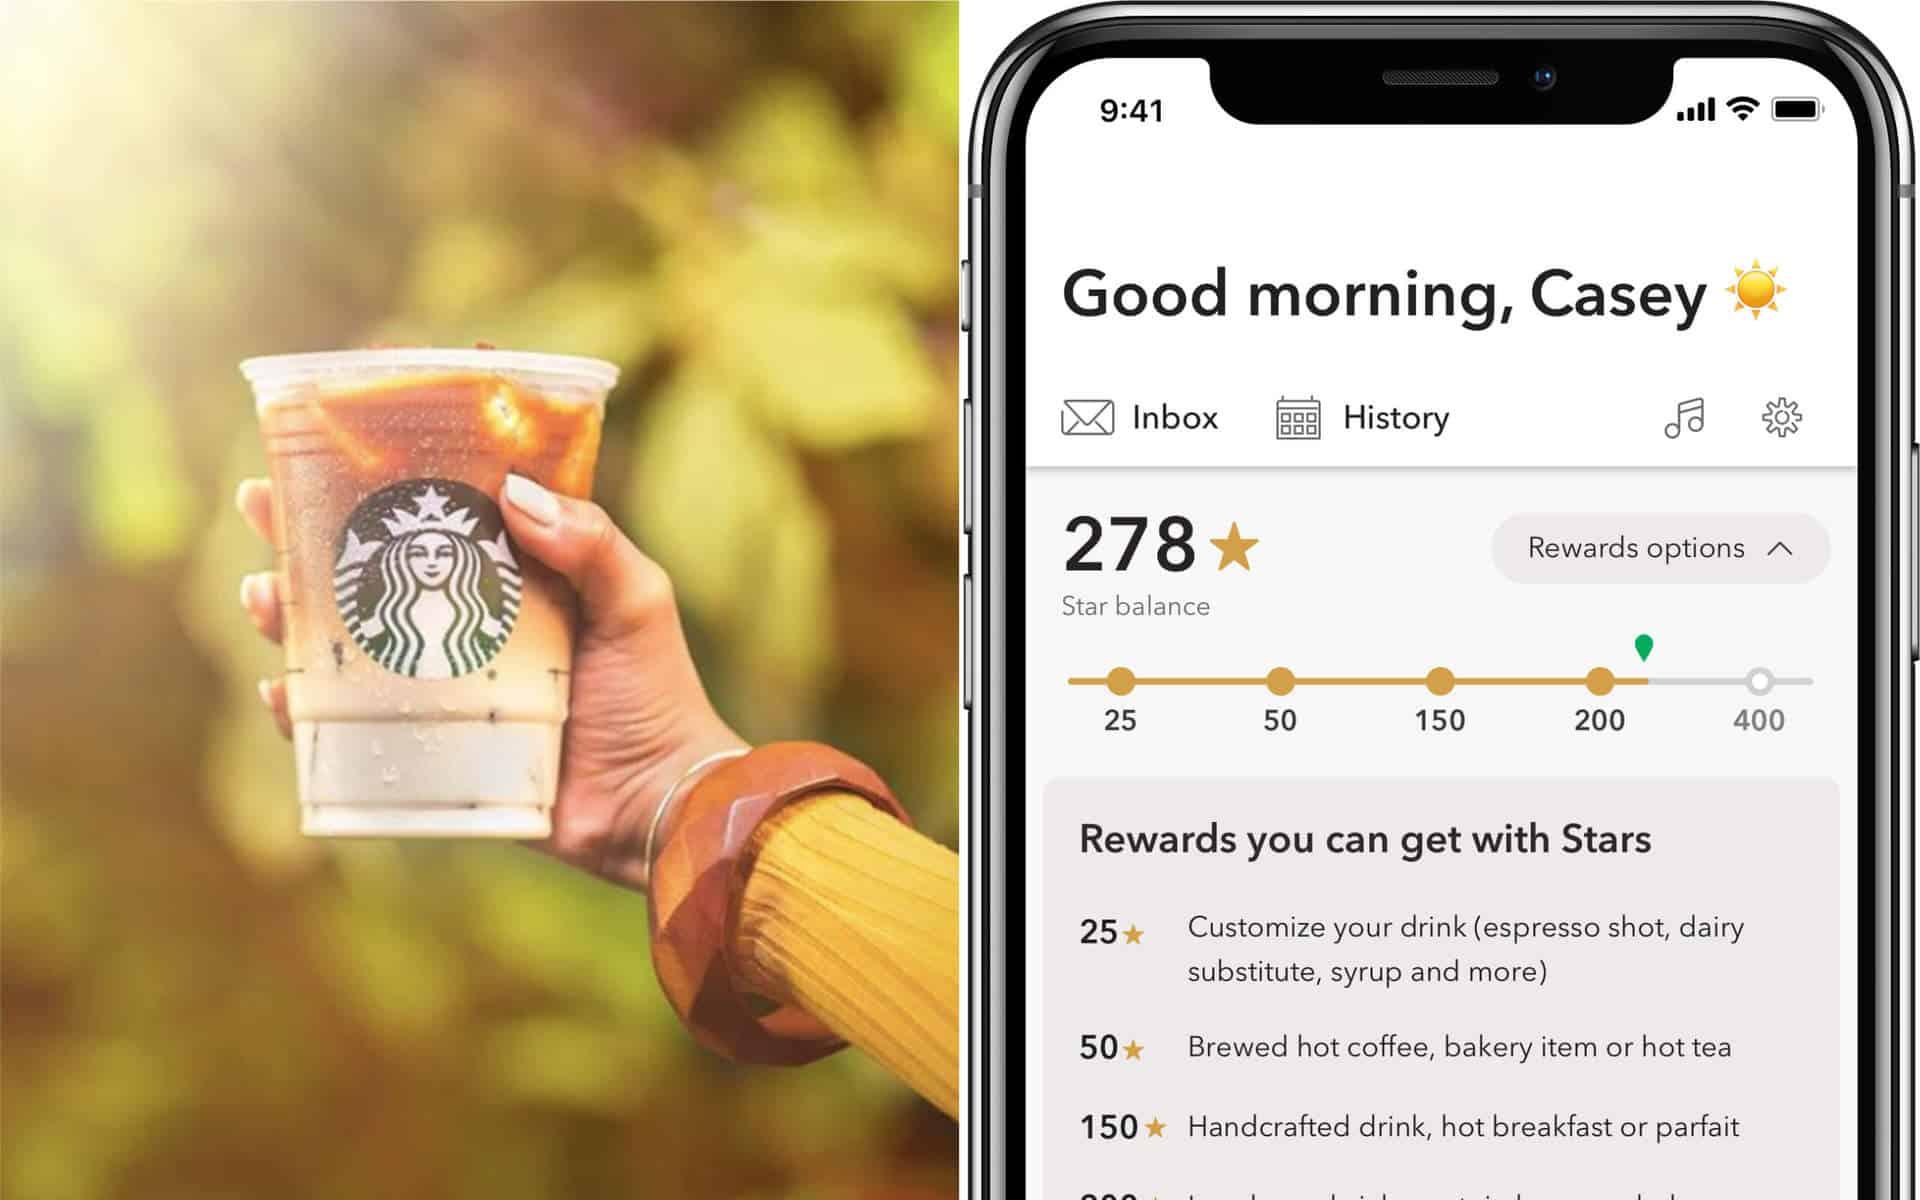 Klanttevredenheid Starbucks